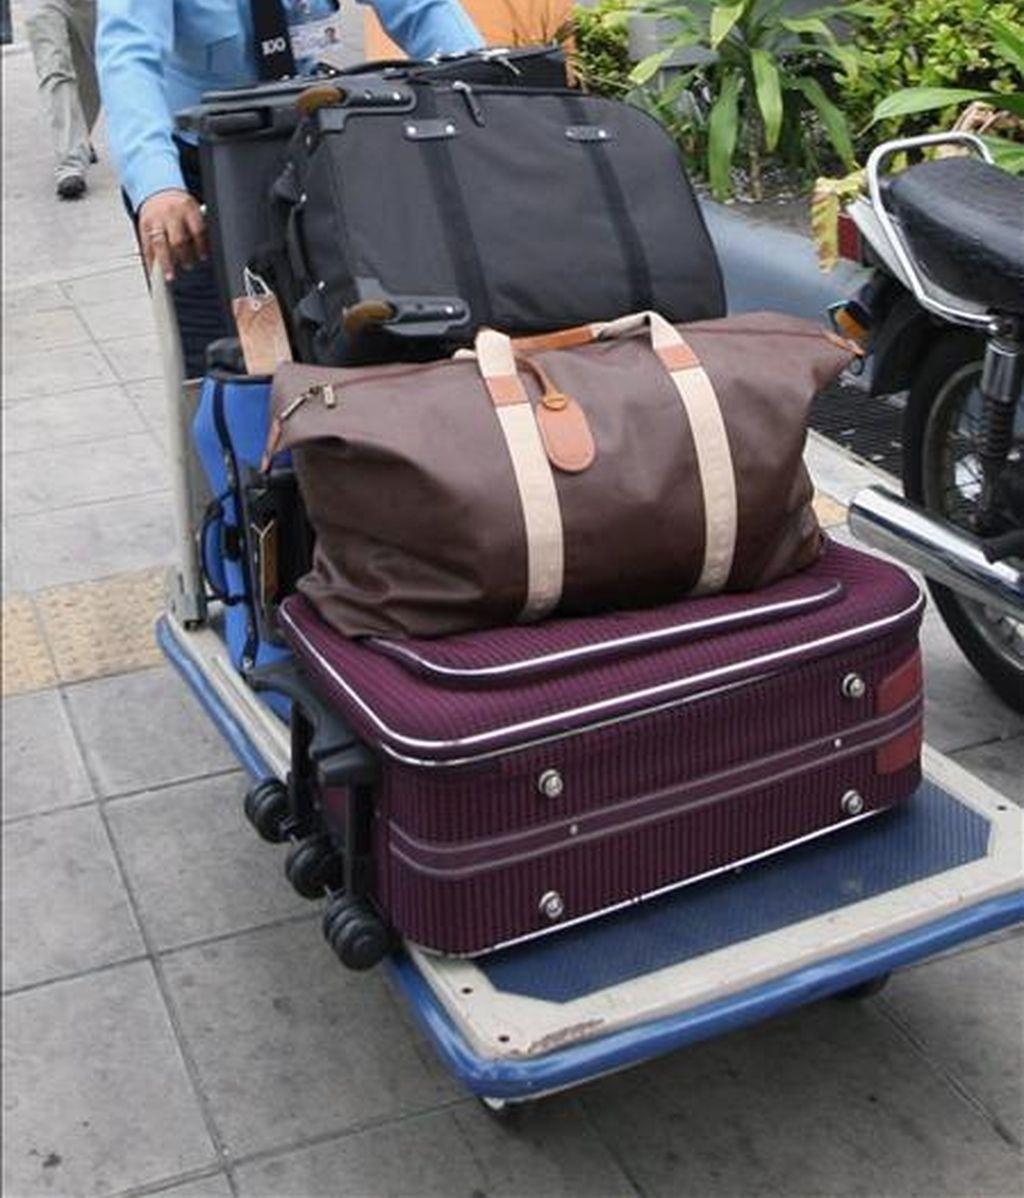 Un empleado de un hotel empuja un carrito lleno de maletas. EFE/Archivo